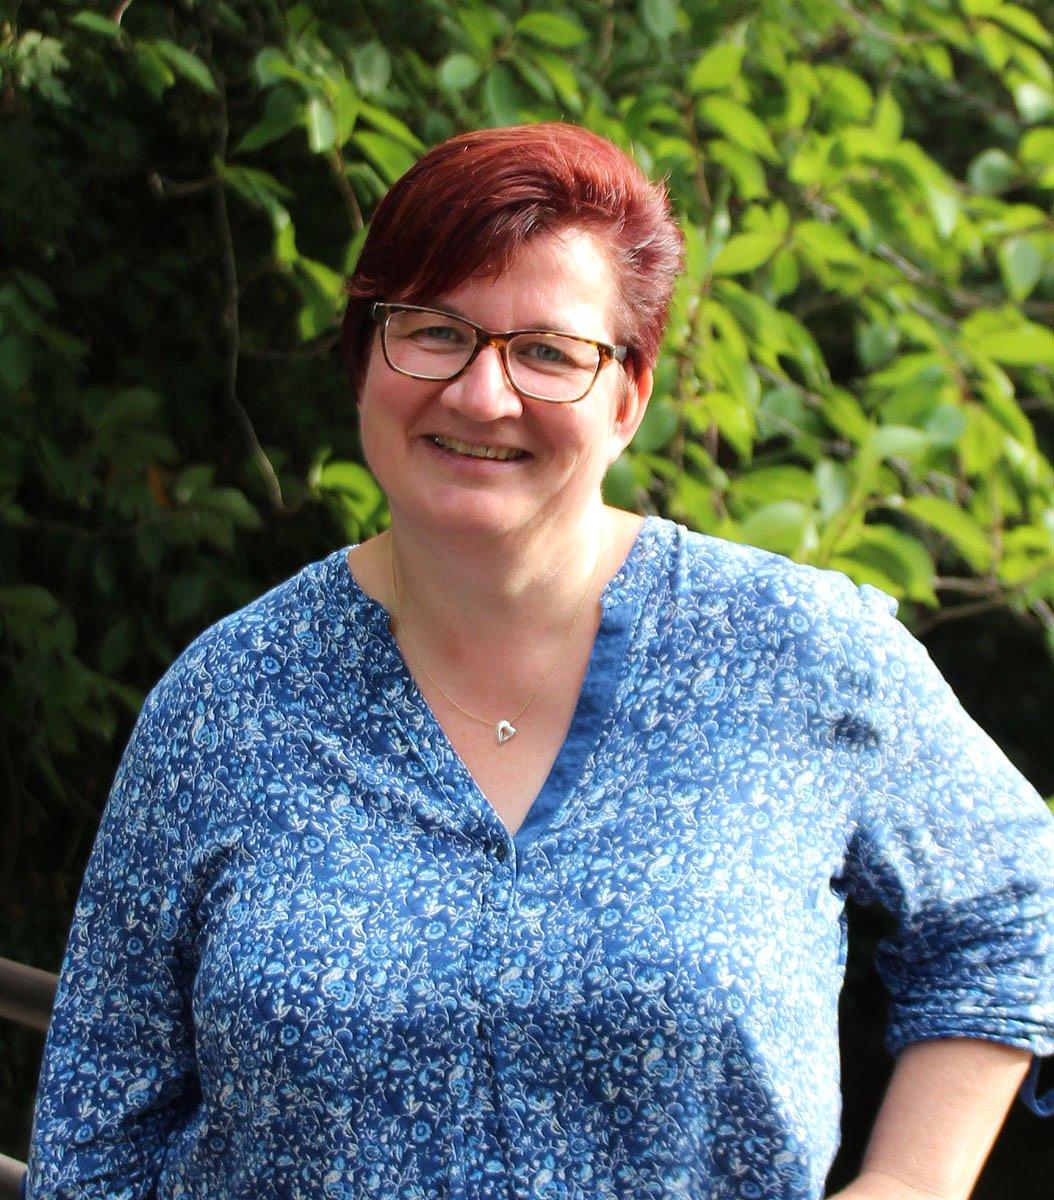 Eva Schulze